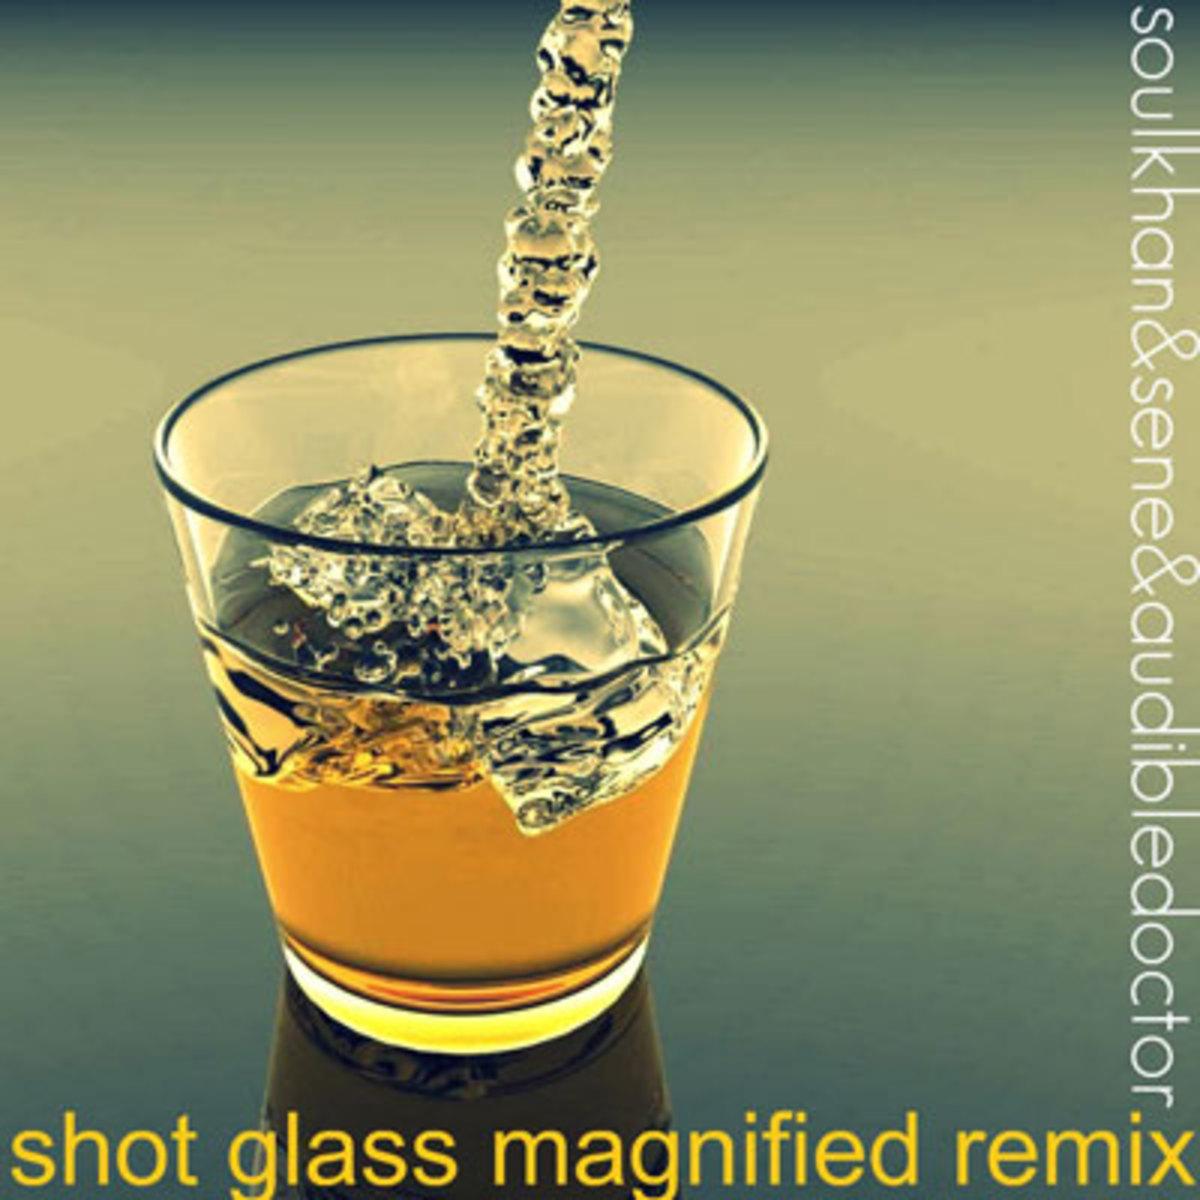 soulkhan-shotglassmagrmx.jpg